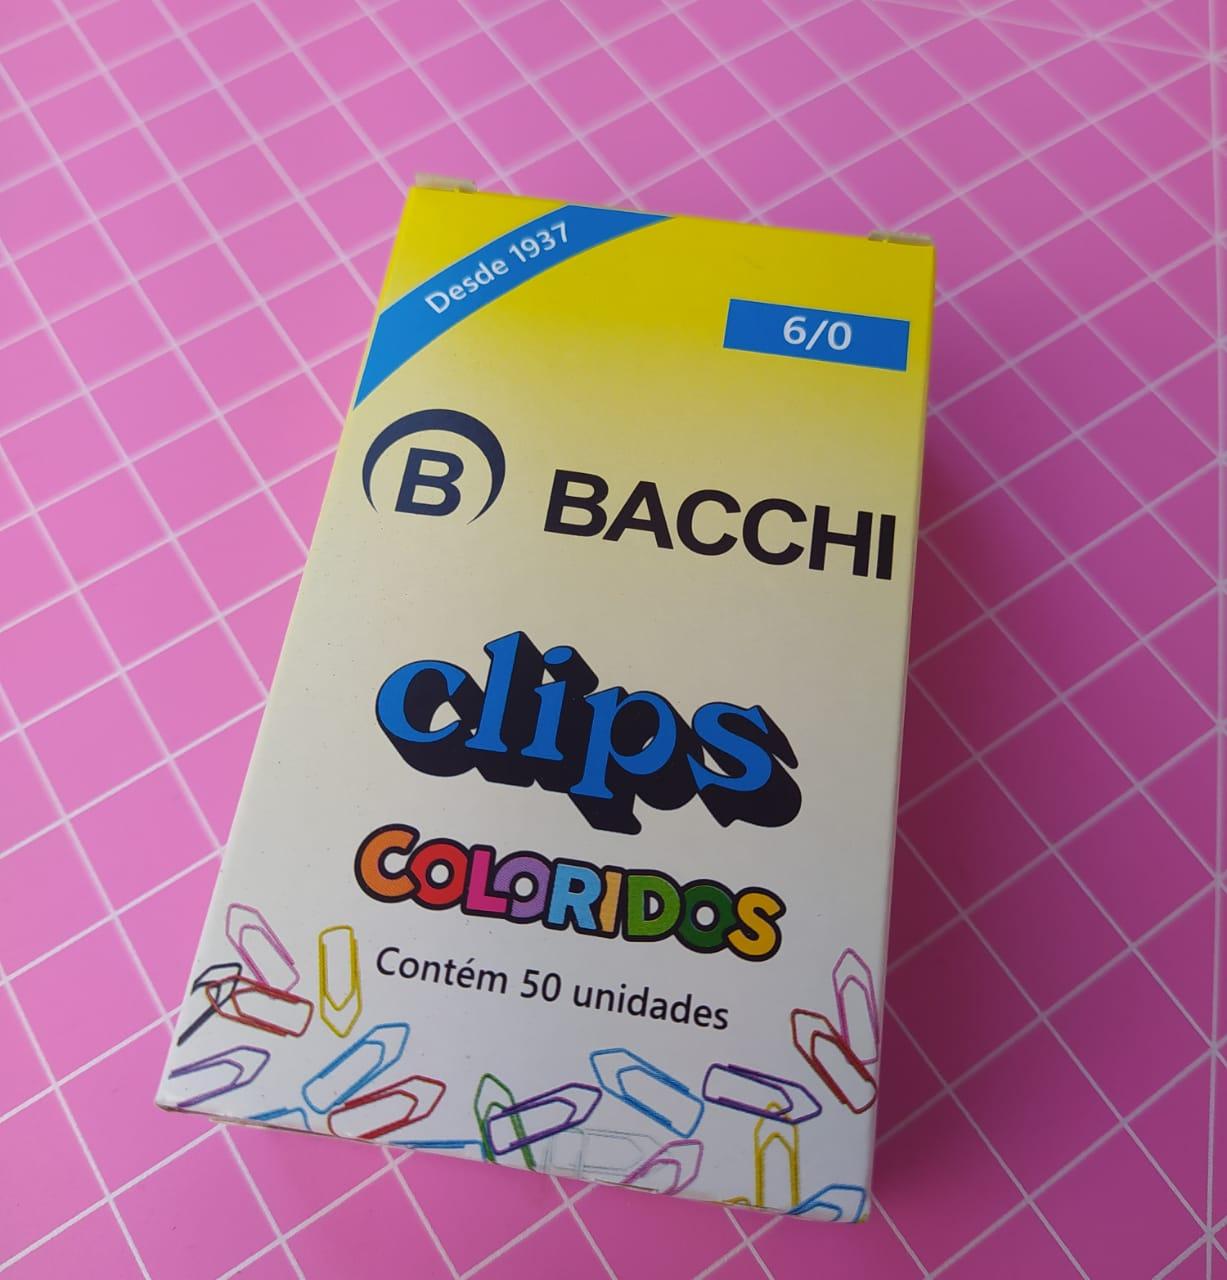 CLIPS COLORIDO REF.6/0 C/50 UNIDADES 13576 - BACCHI